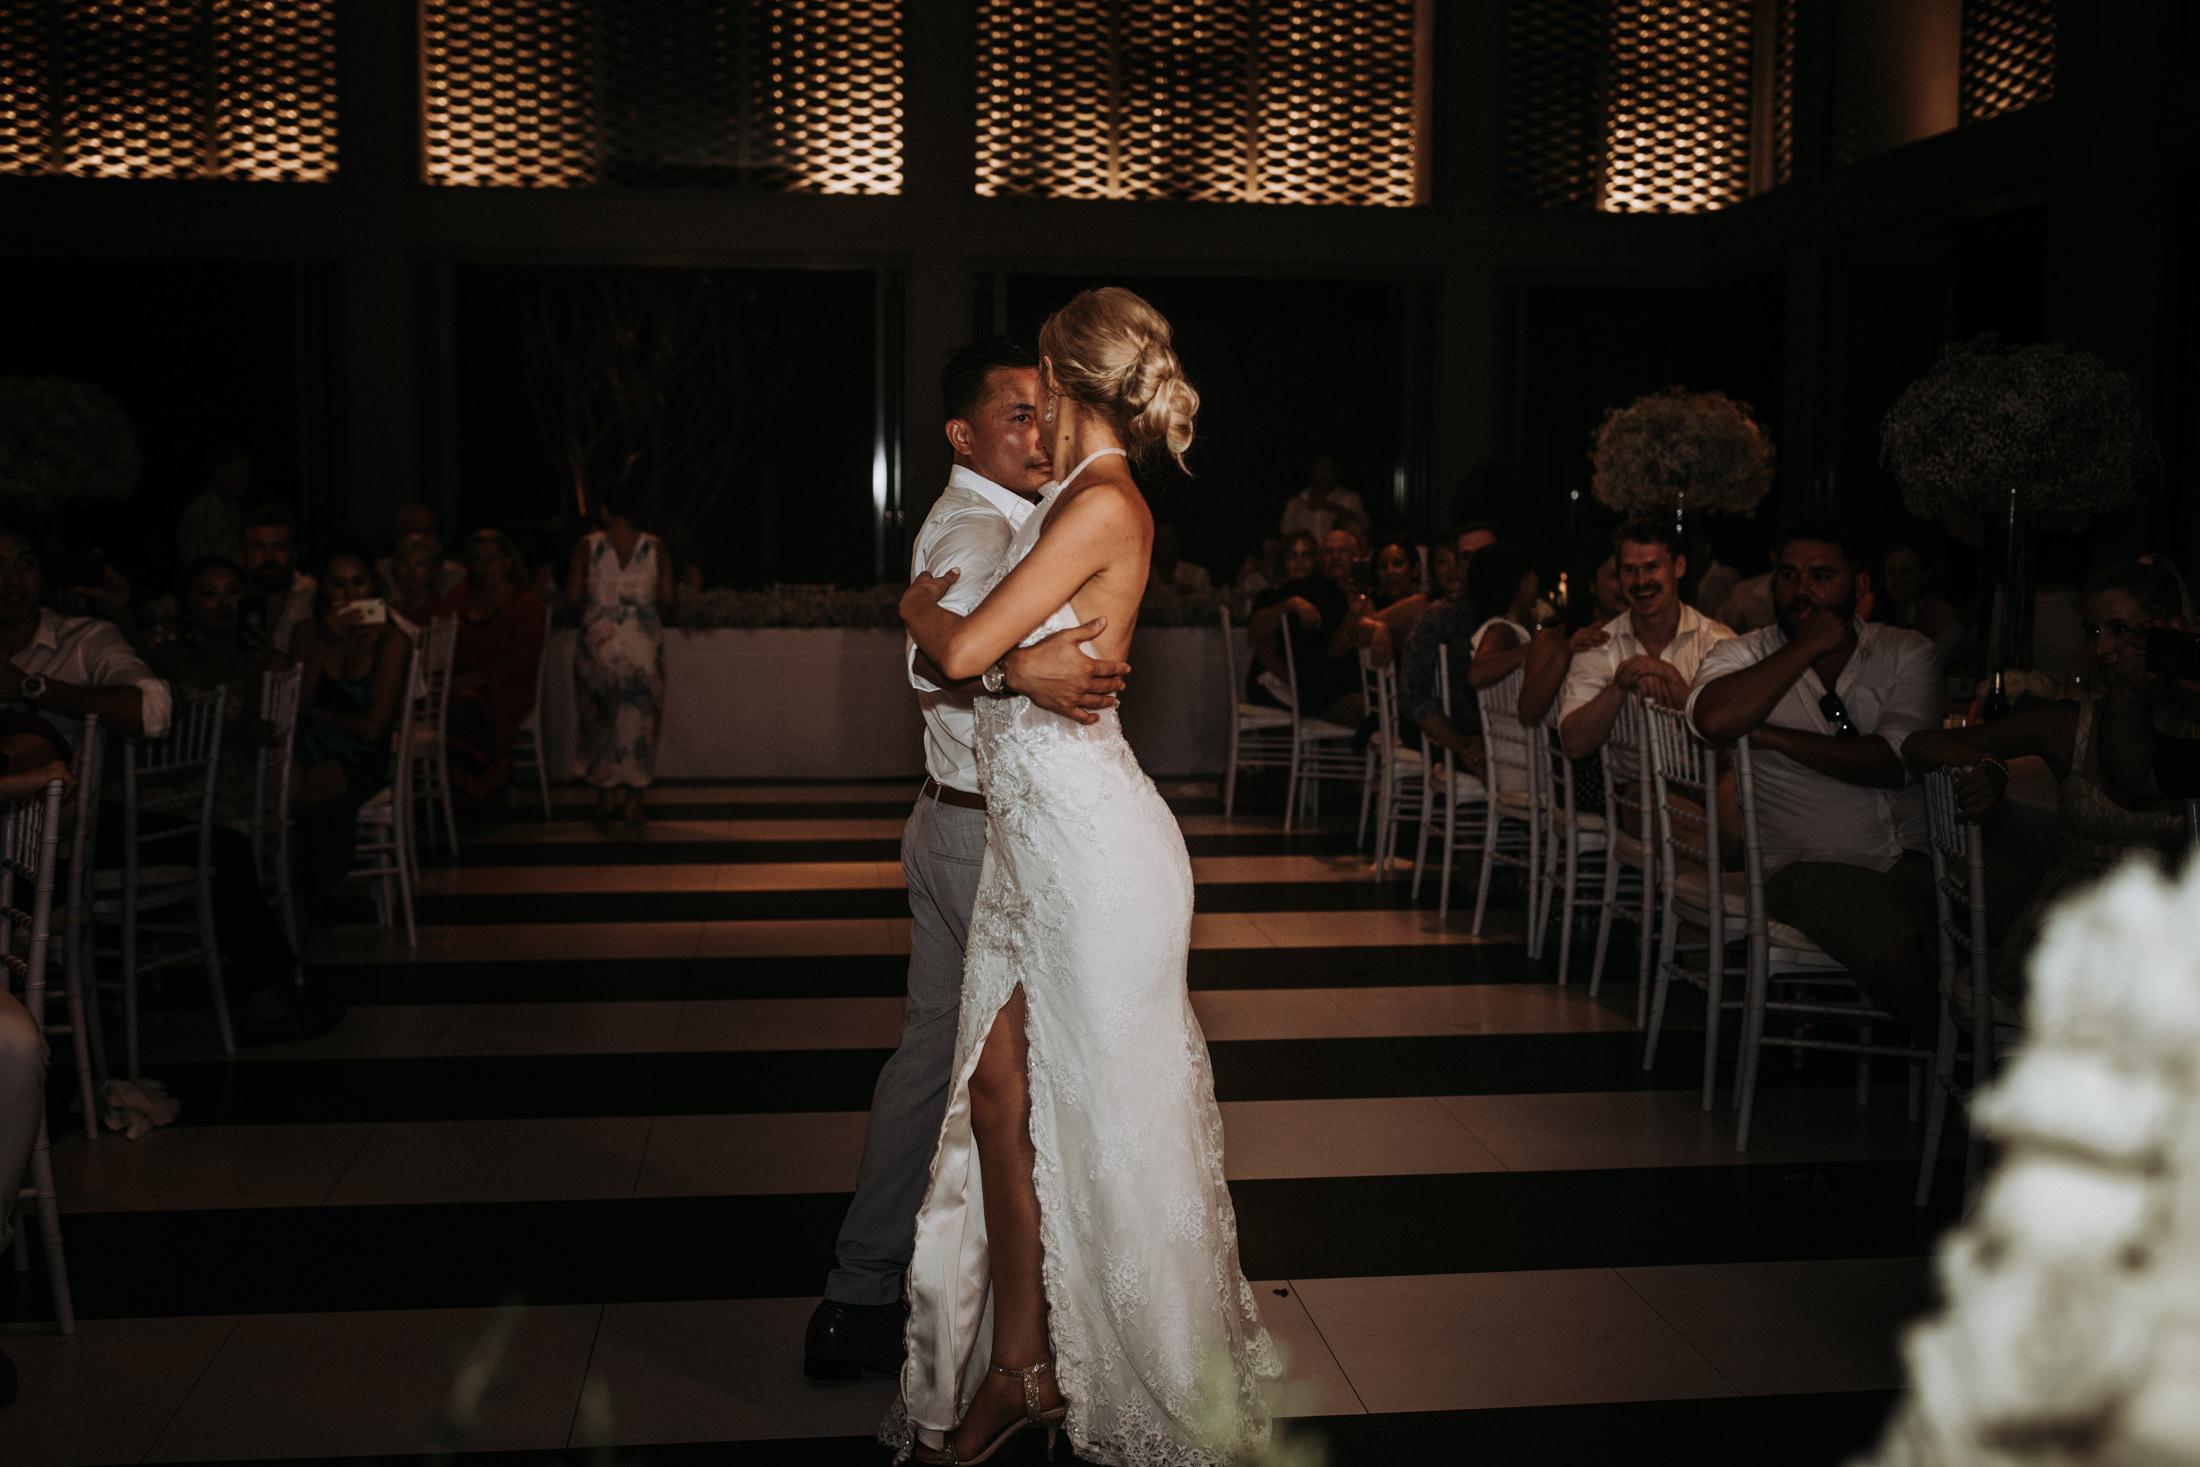 DanielaMarquardt_Wedding_Thailand_408